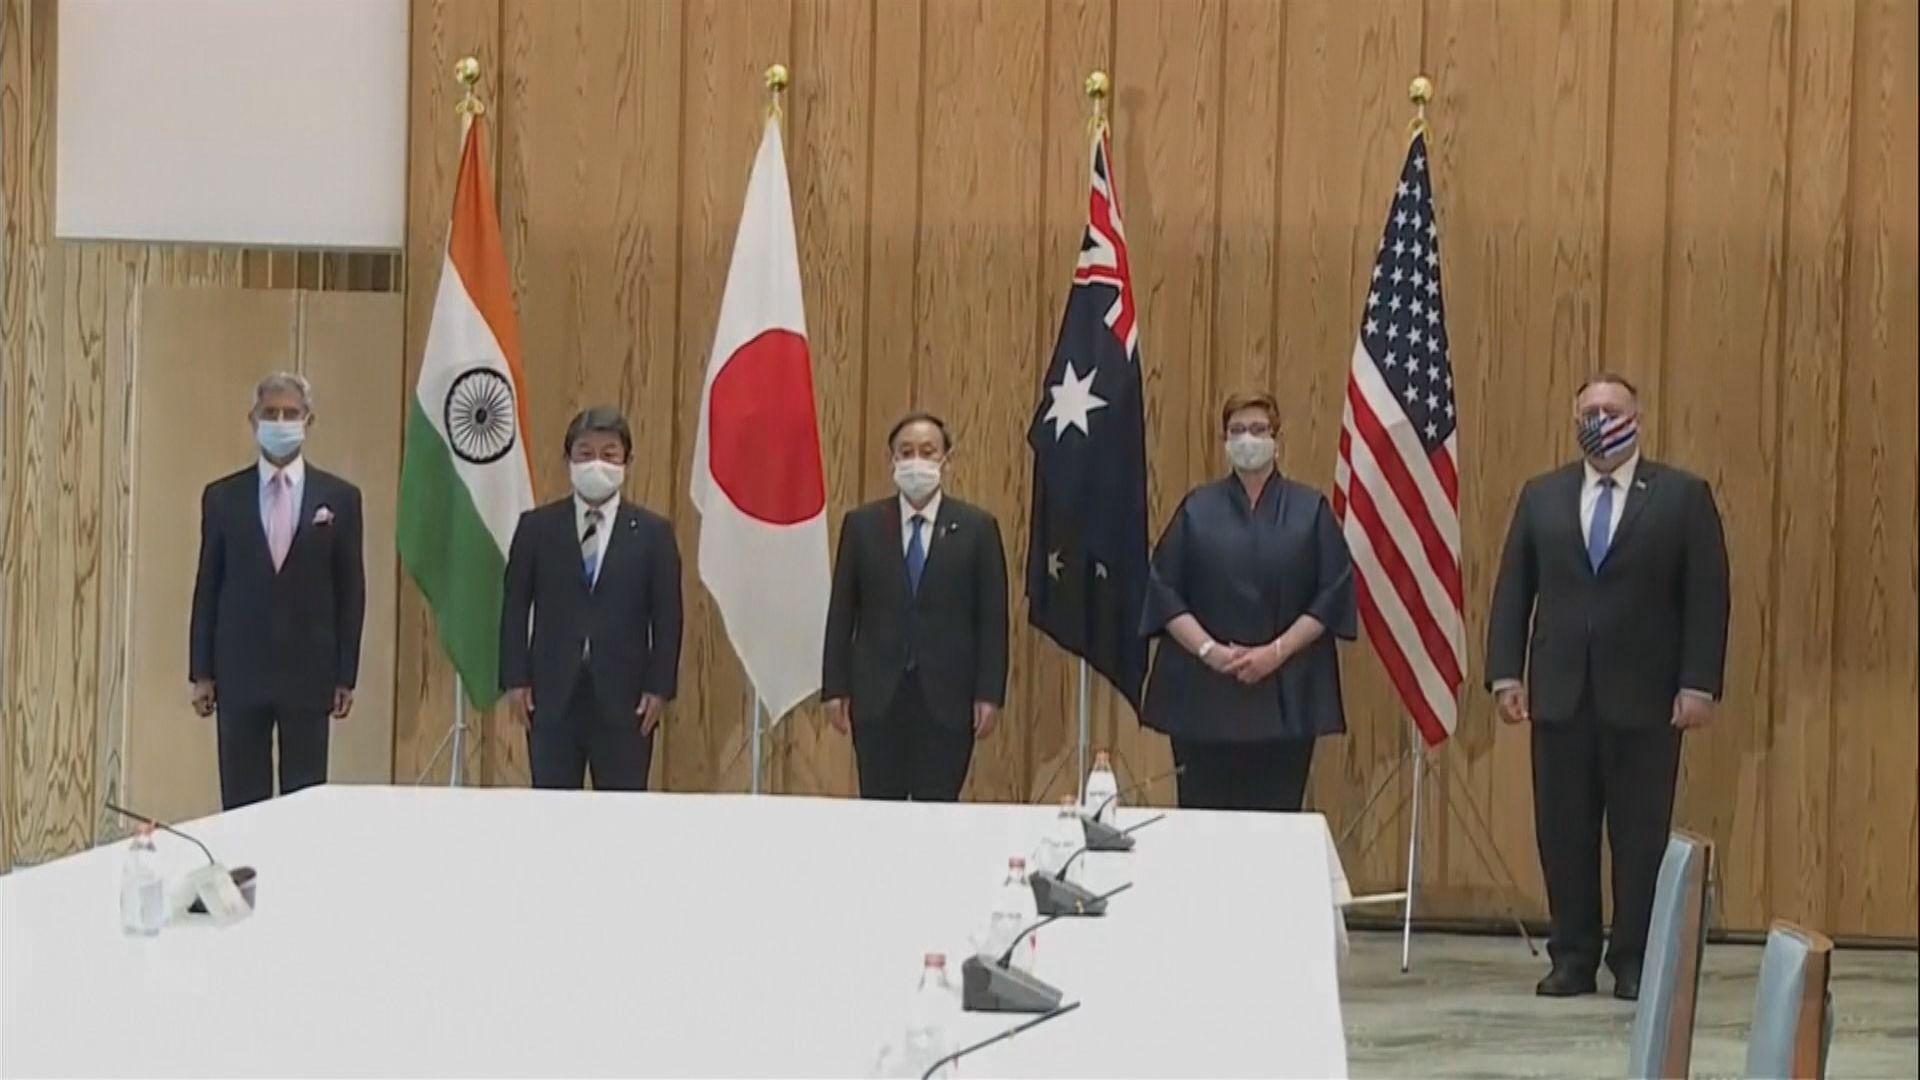 菅義偉會見美國、澳洲、印度三國外長